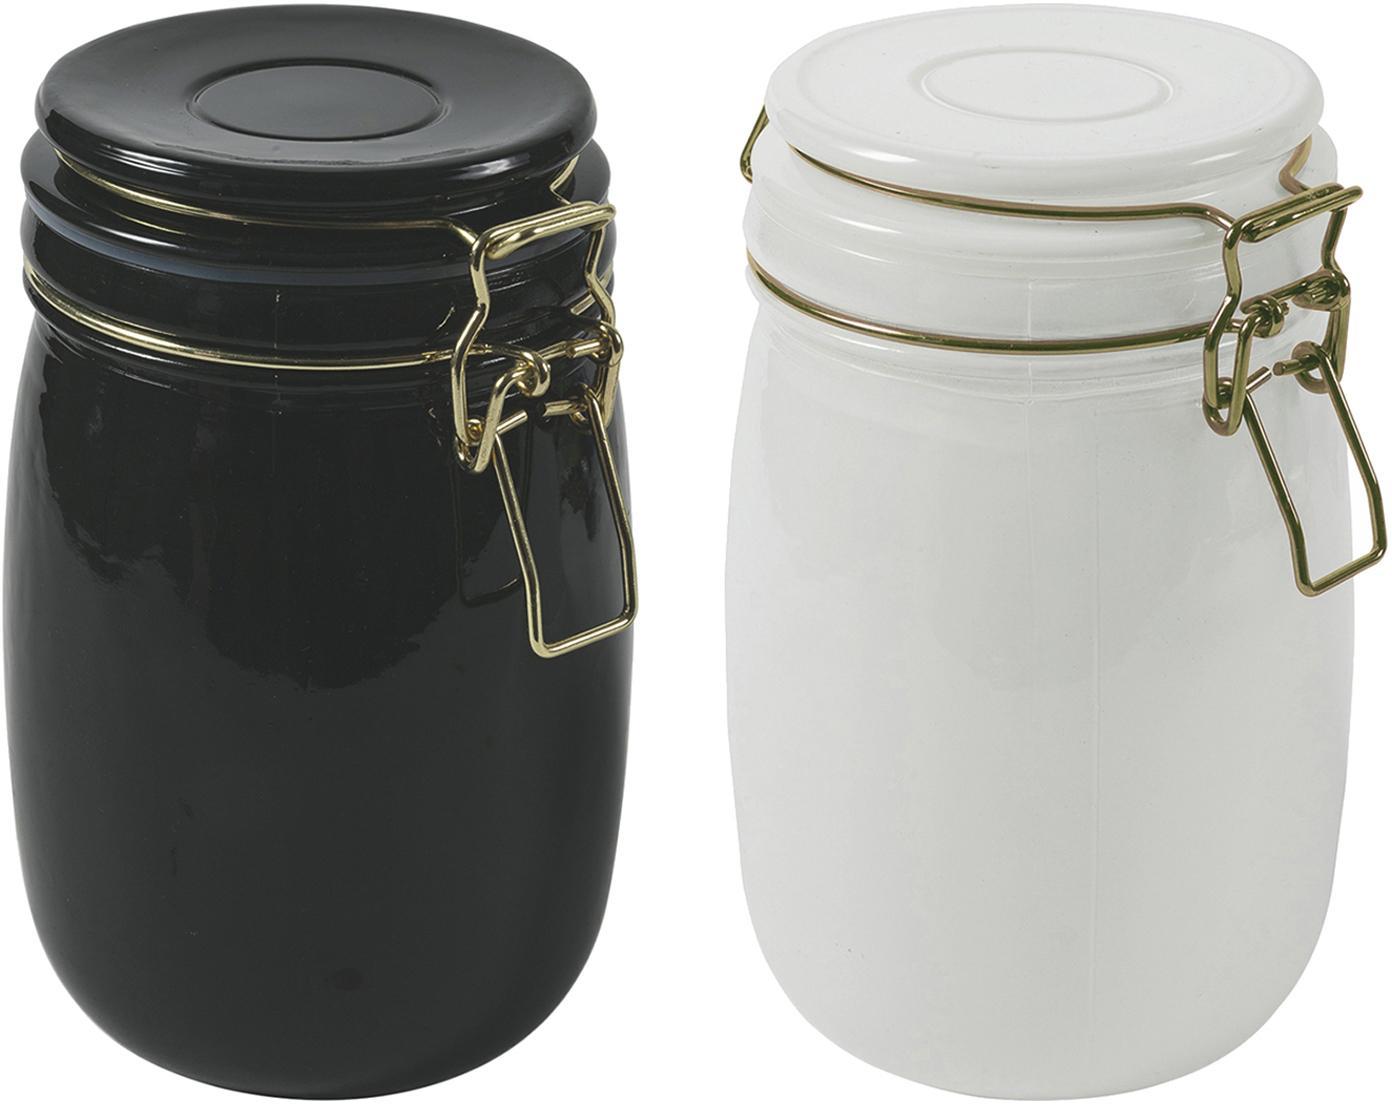 Aufbewahrungsdosen-Set Modern, 2-tlg., Behälter: Glas,, Verschluss: Metall, Weiß, Schwarz, Ø 10 x H 14 cm